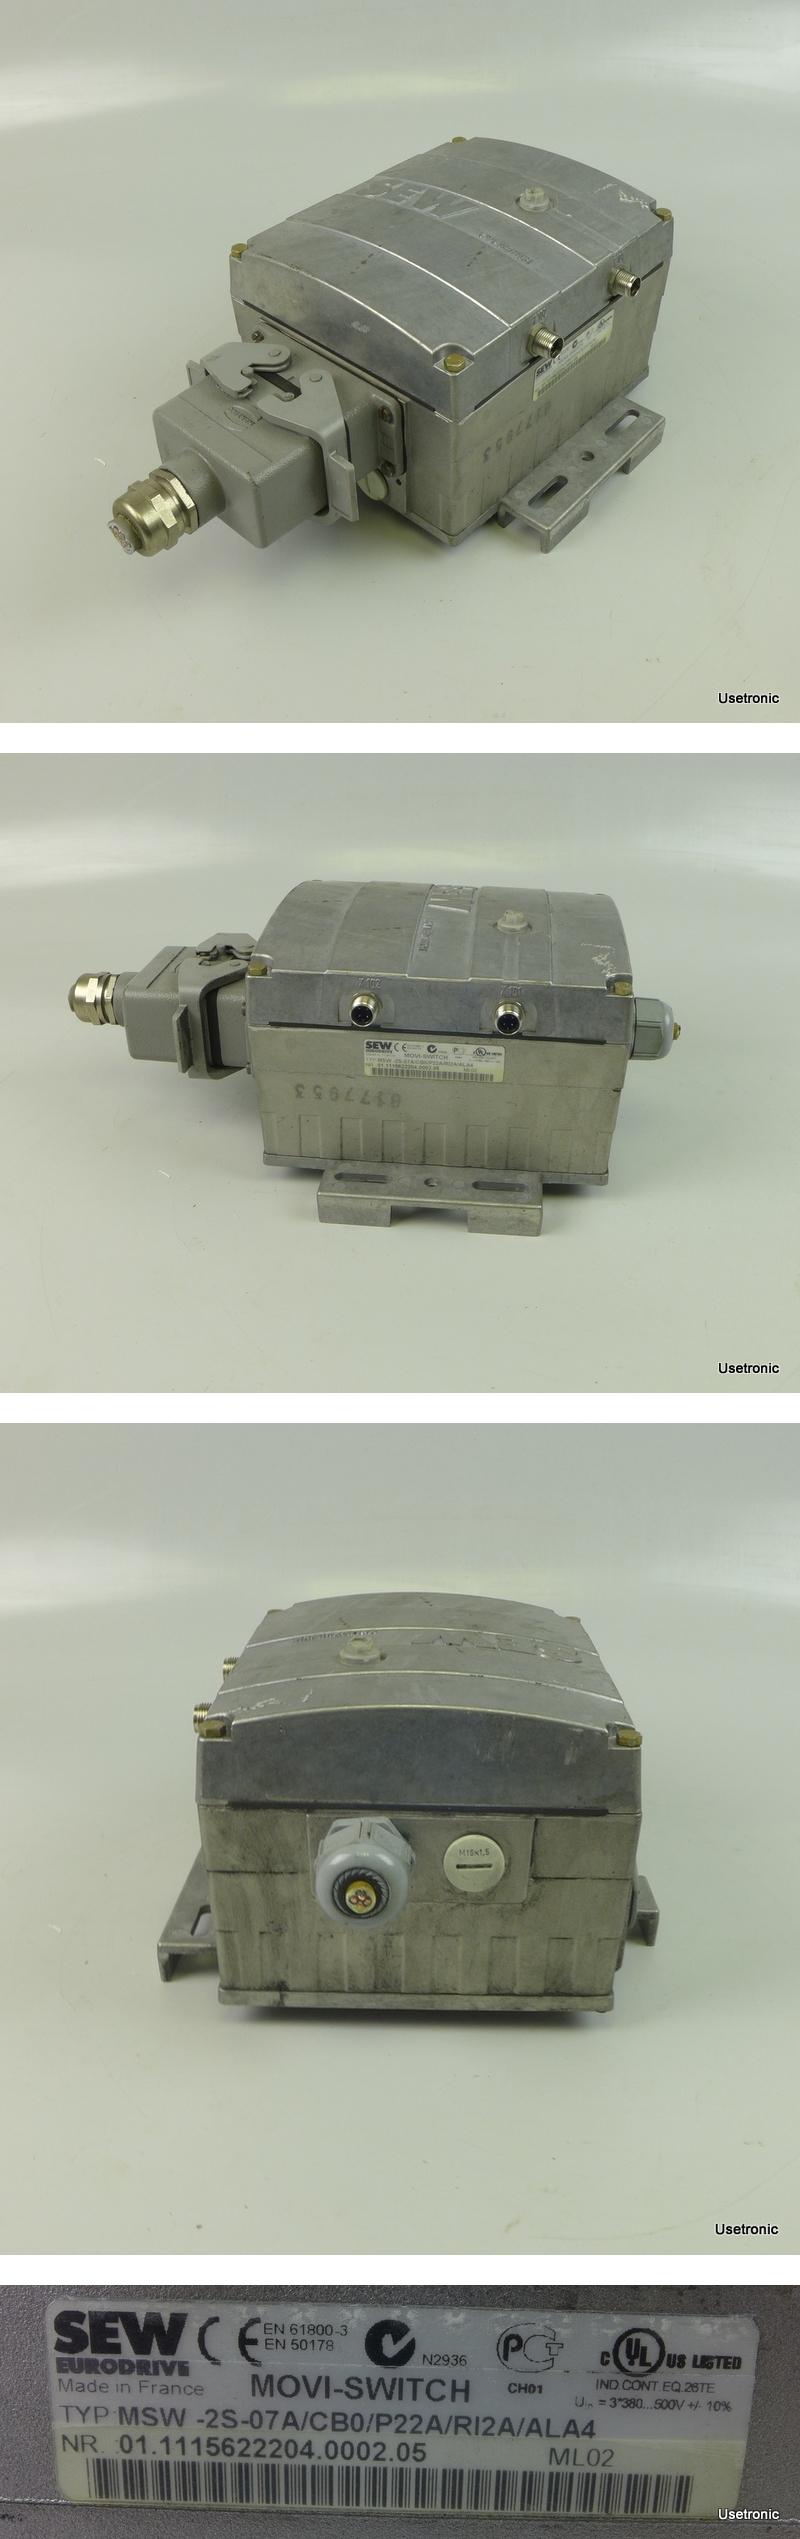 SEW MSW-2S-07A/CB0/P22A/RI2A/ALA4